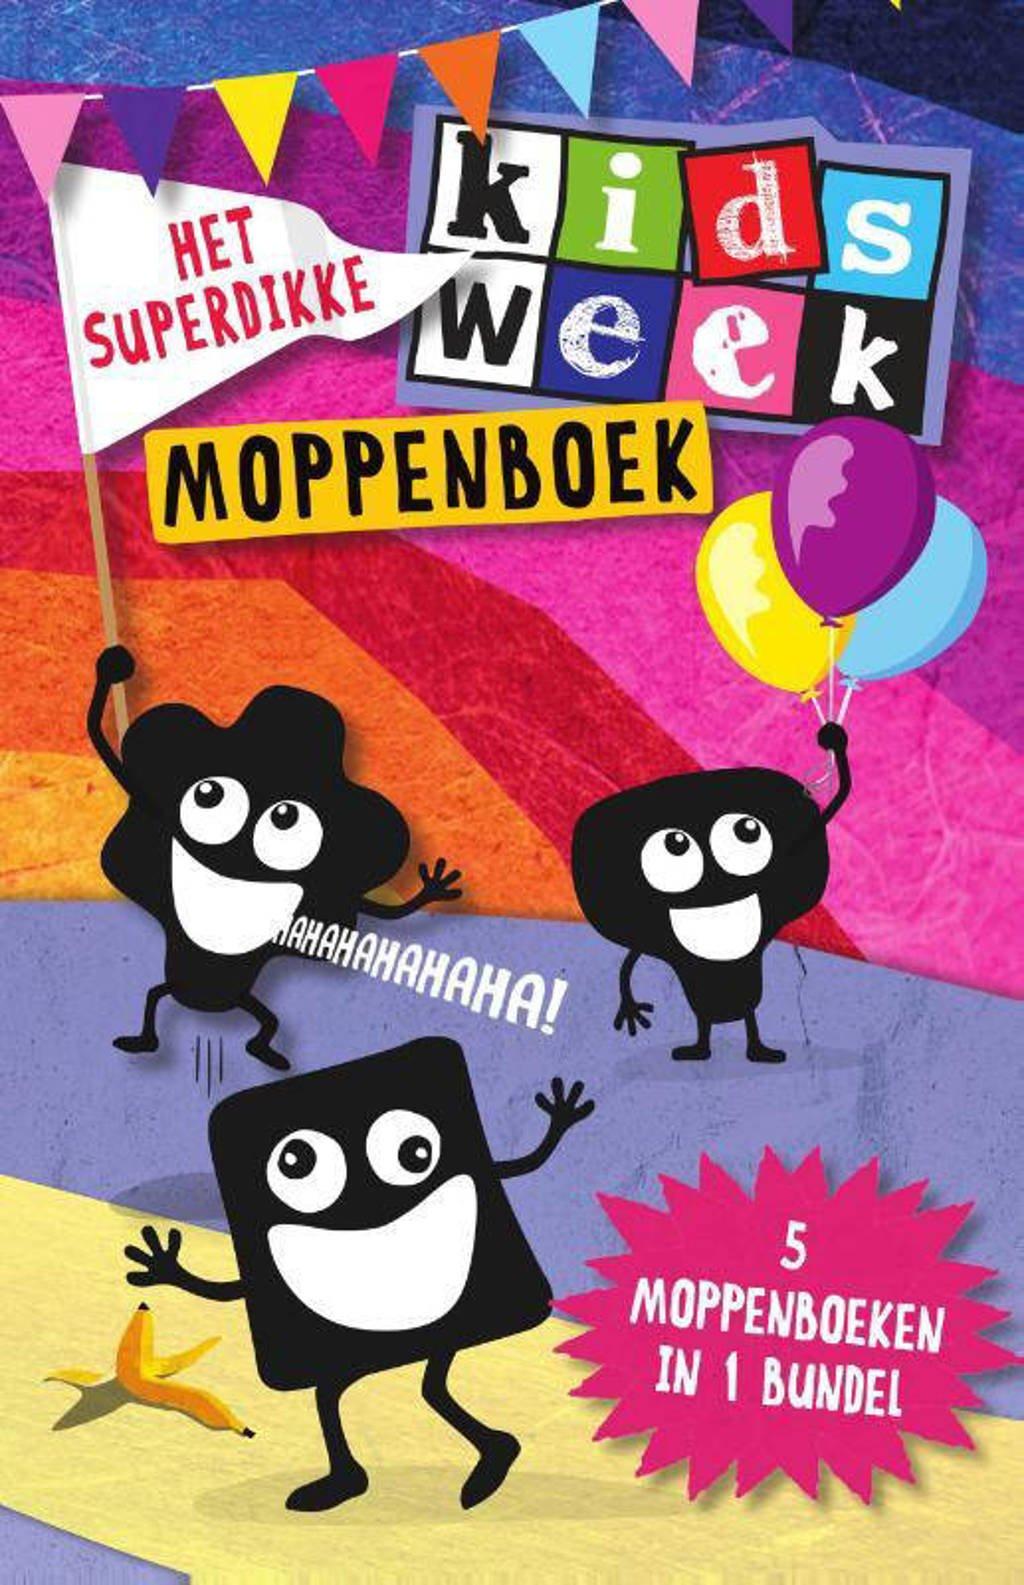 Kidsweek: Het superdikke Kidsweek moppenboek - Kidsweek